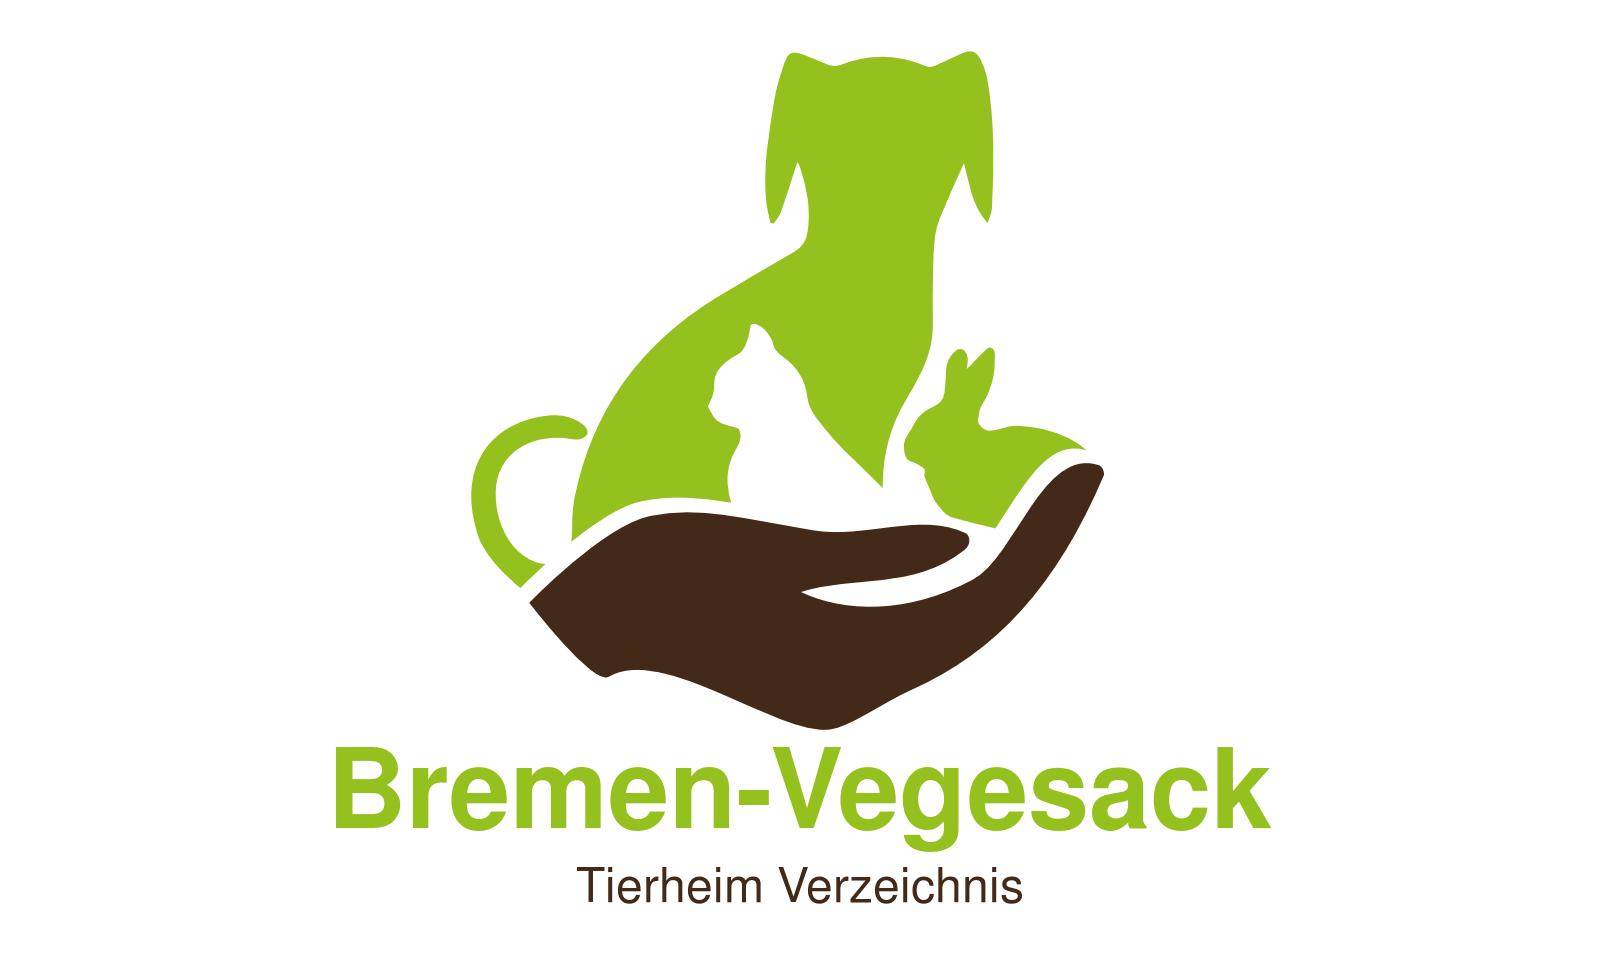 Tierheim Bremen Vegesack